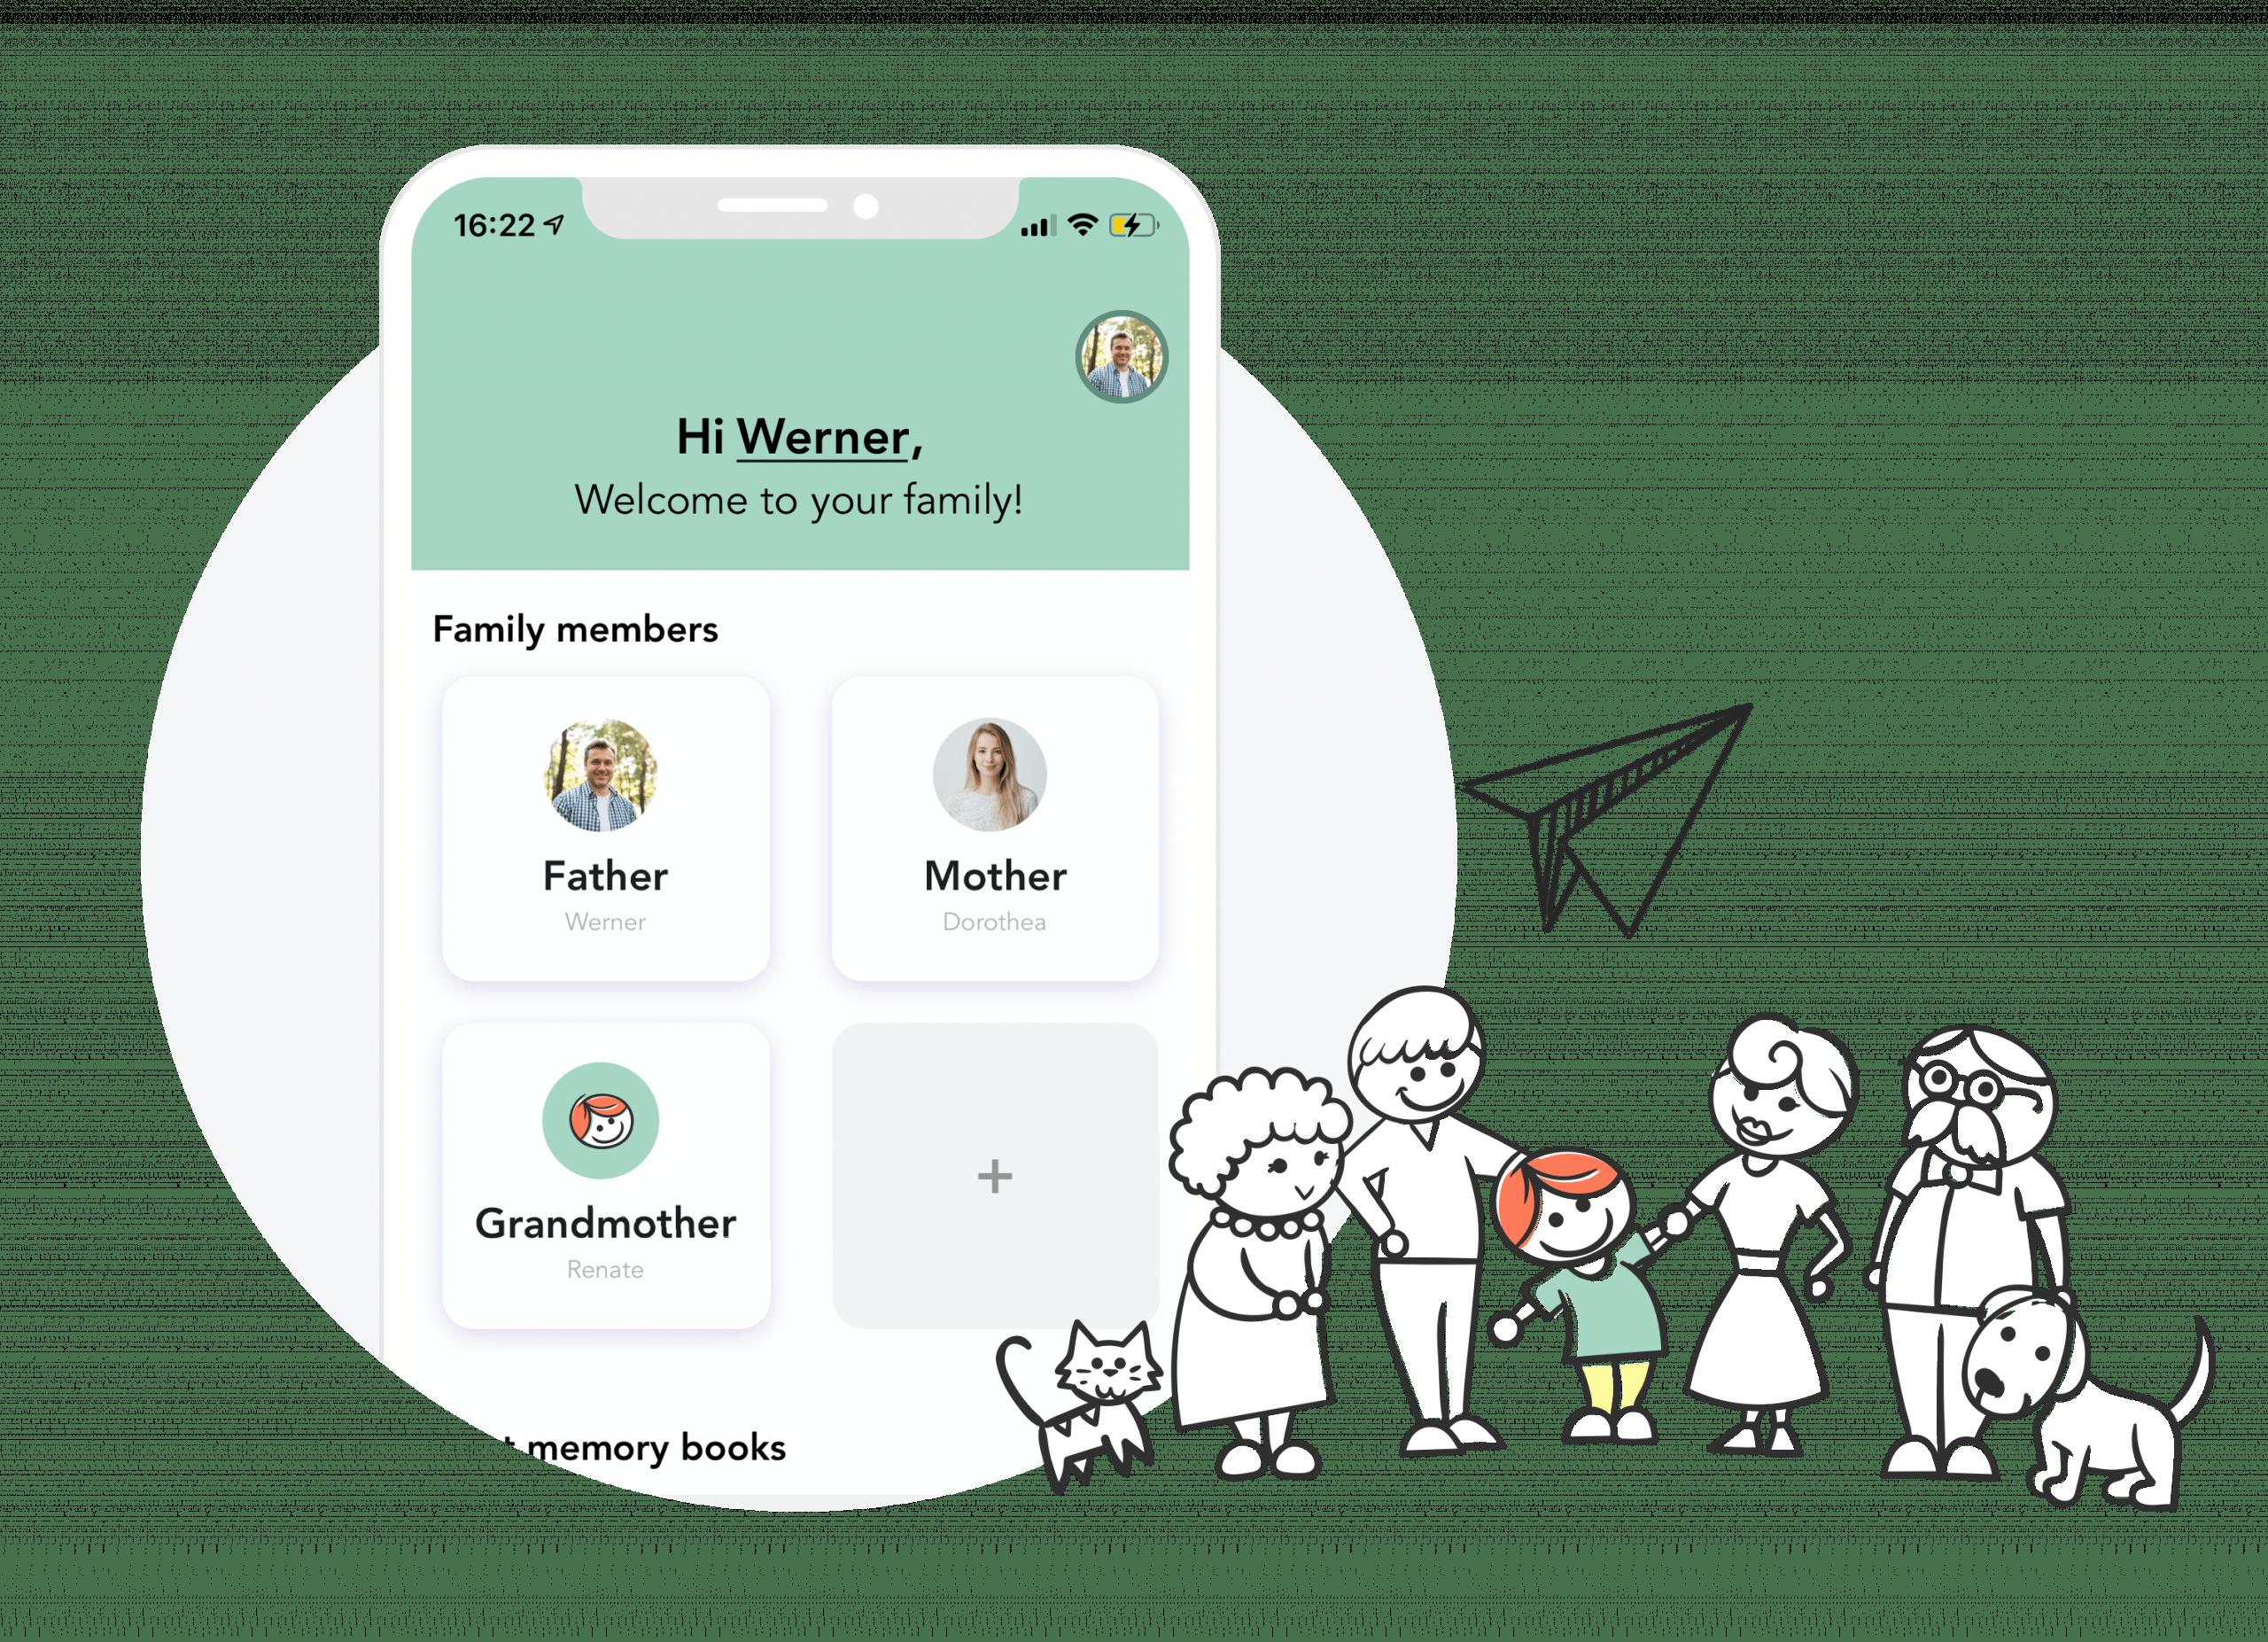 Startseite der Erinnerungs App mit verschiedenen Nutzerprofilen sowie einer Comic-Familie im Vordergrund